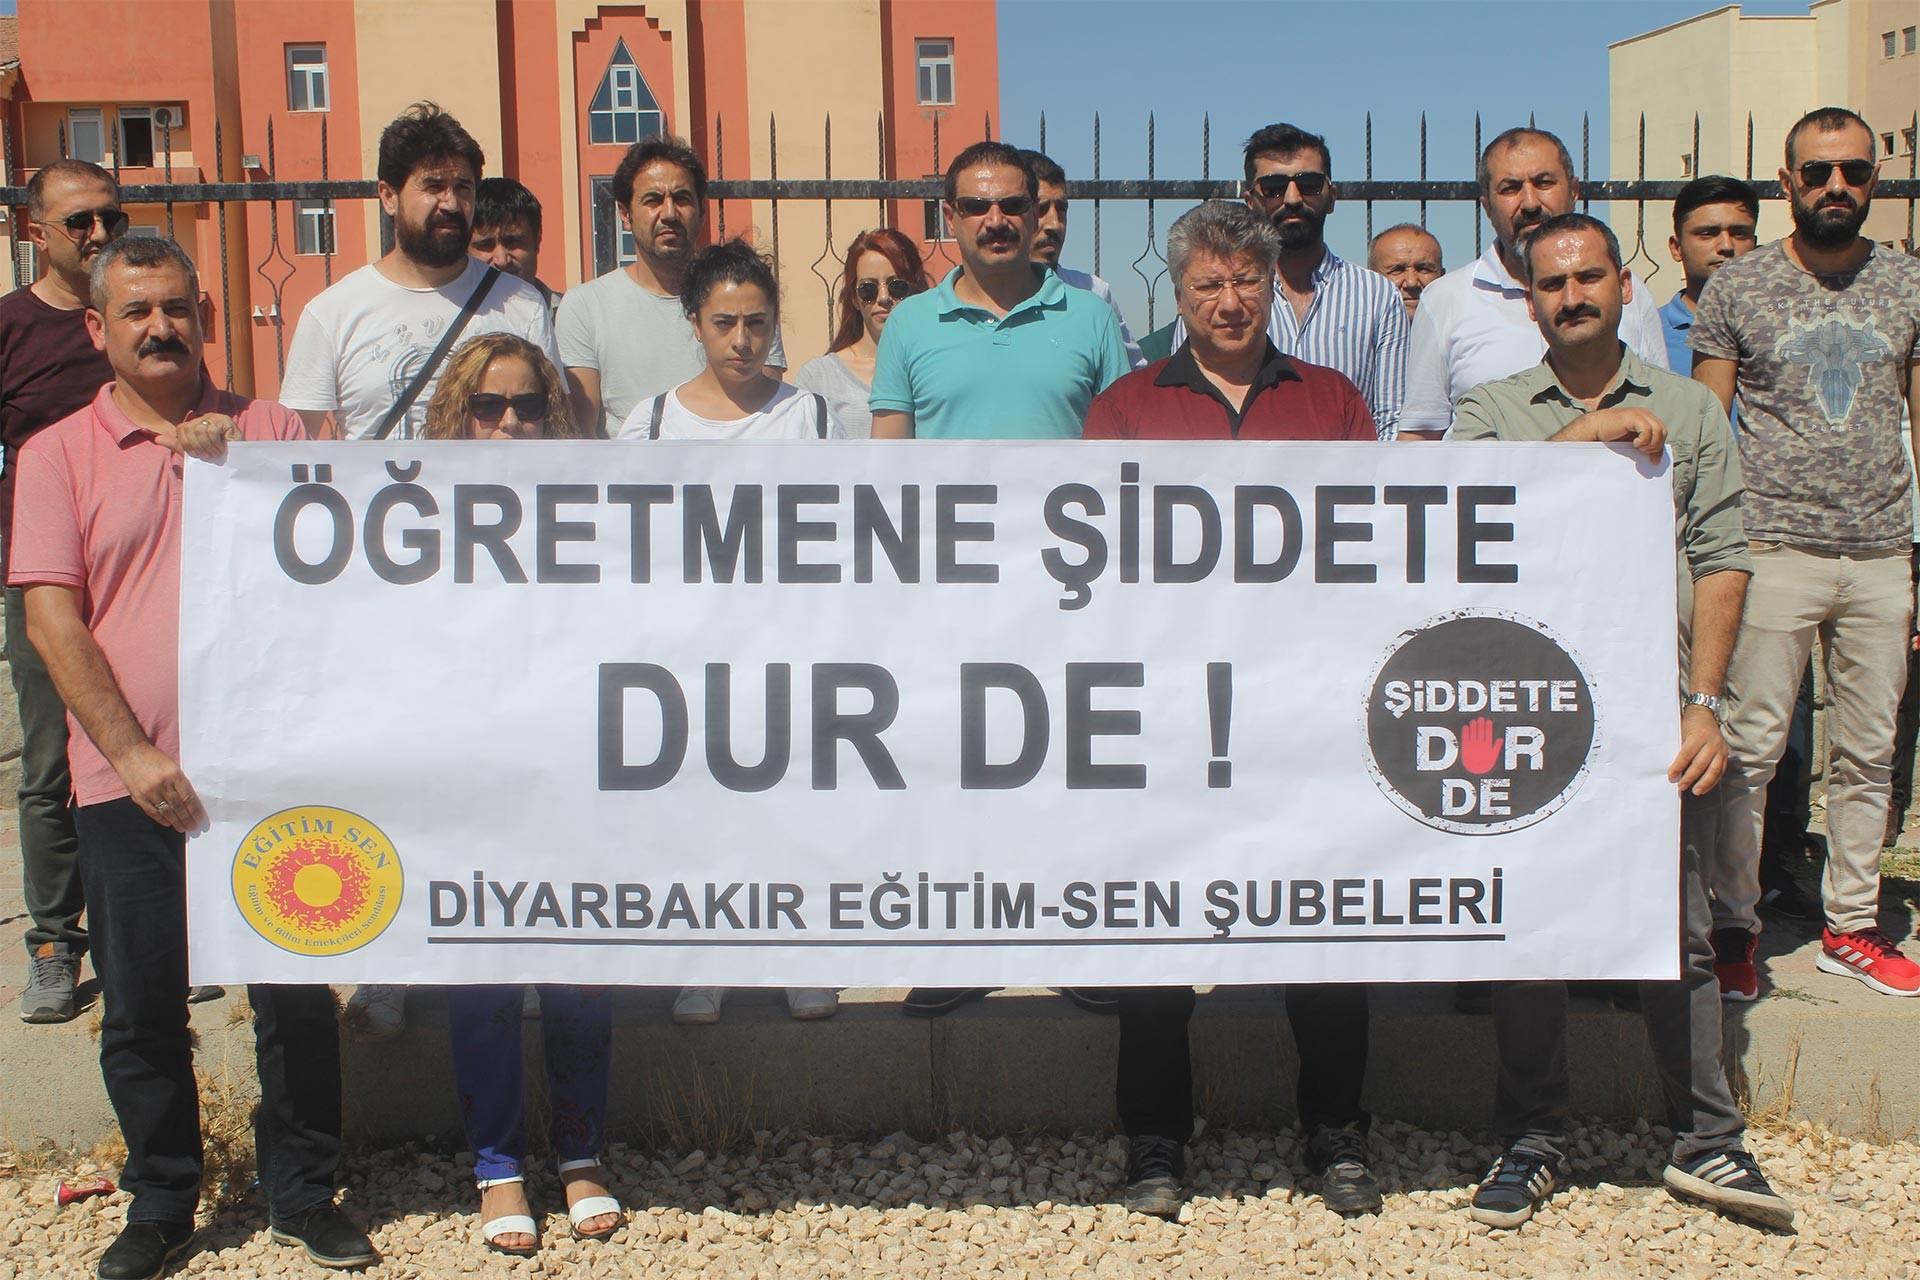 Eğitim Sen Diyarbakır şubeleri, meslektaşlarının darbedilmesine tepki gösterdi